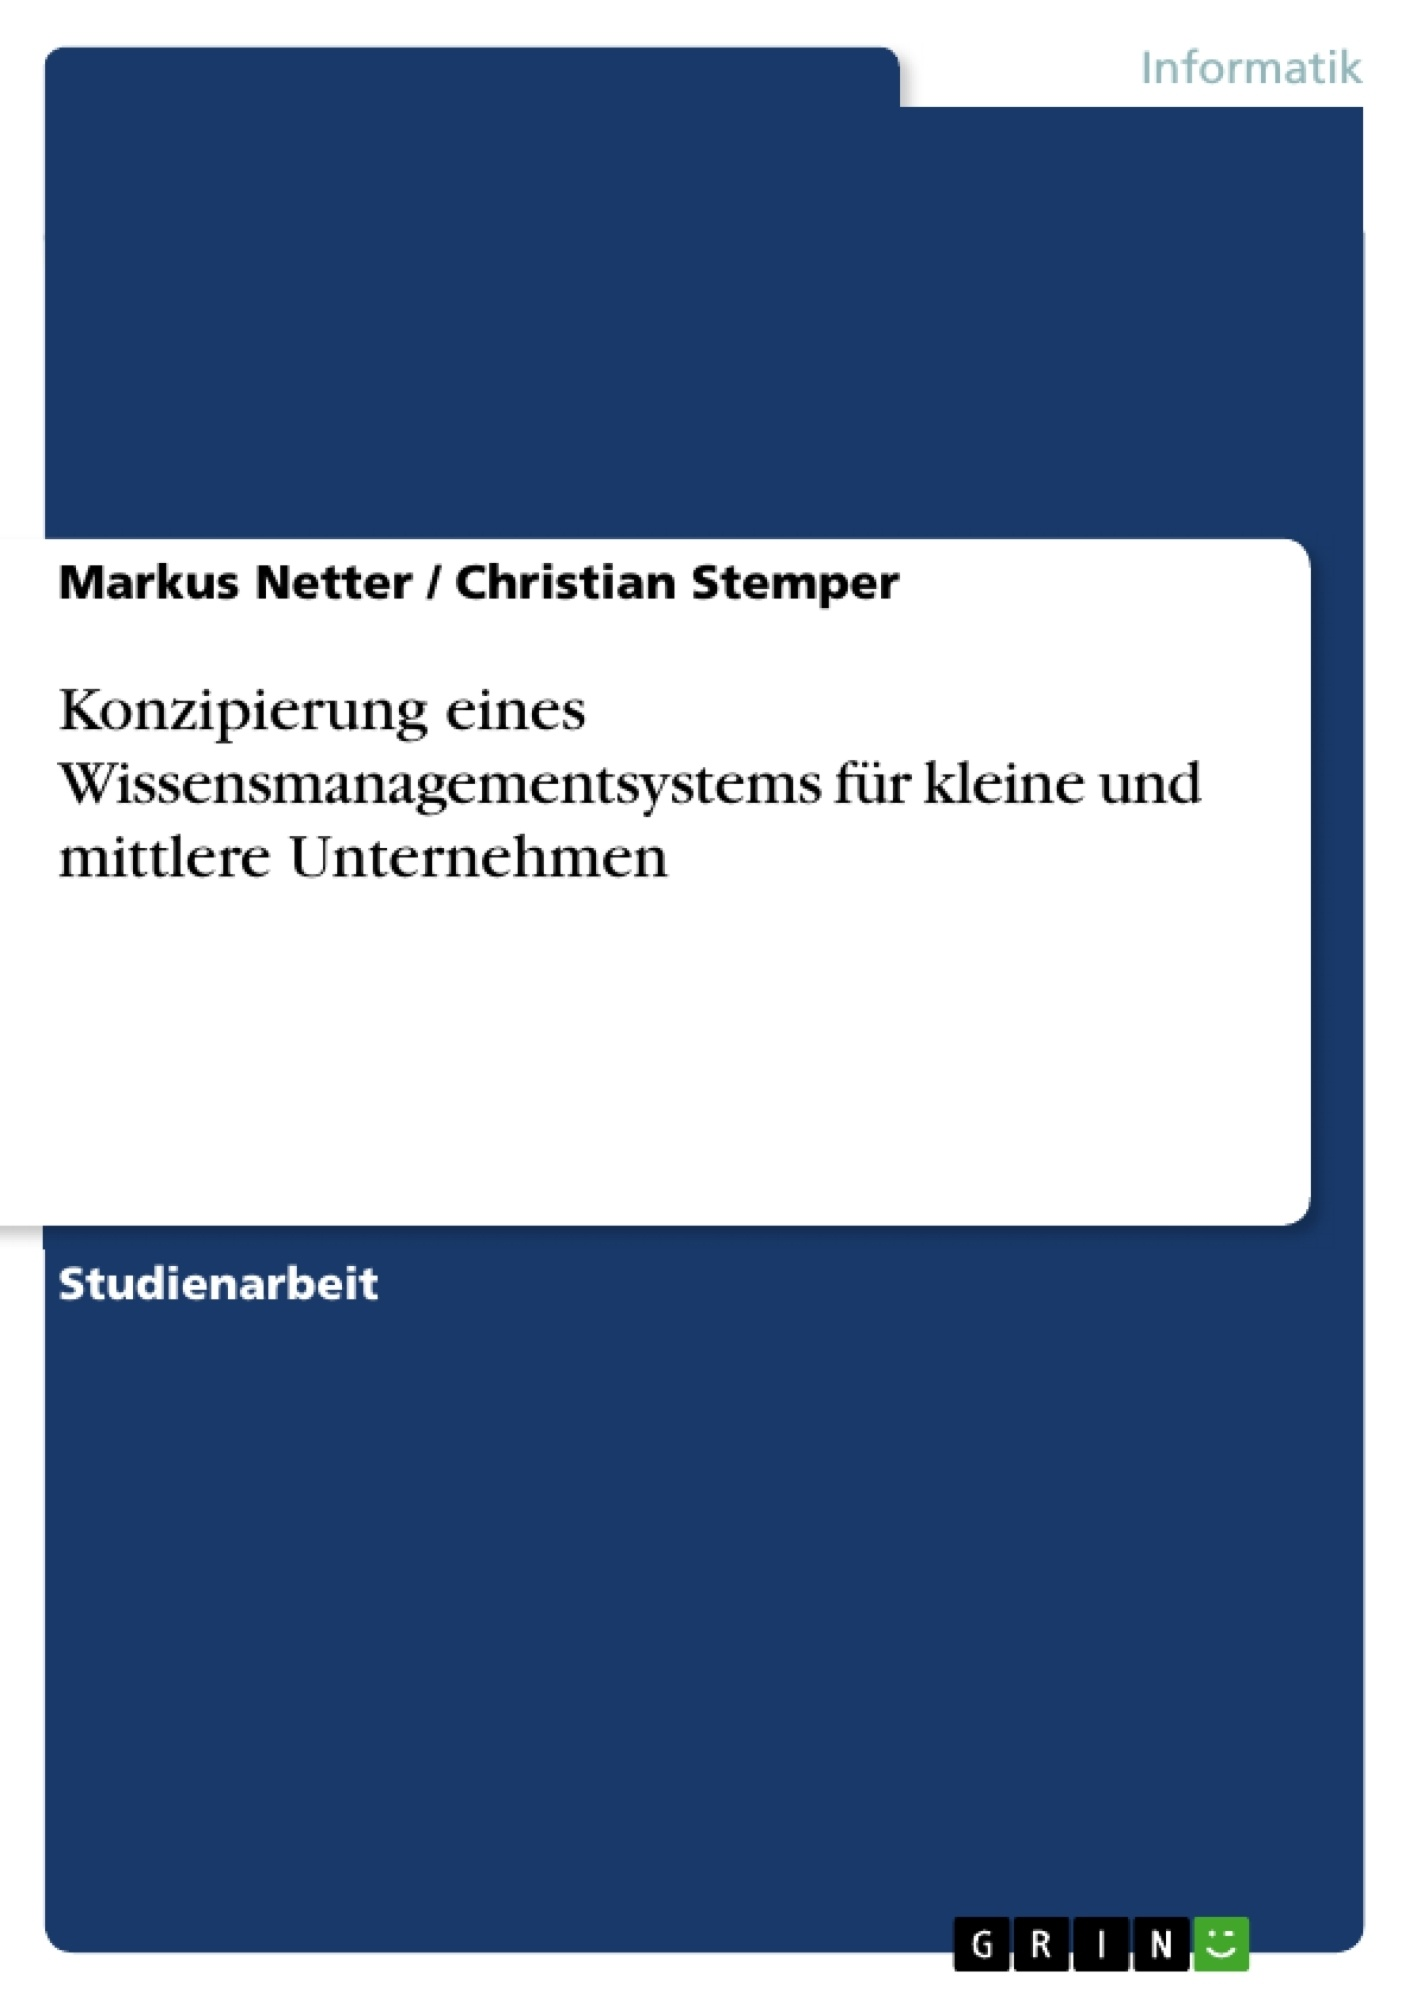 Titel: Konzipierung eines Wissensmanagementsystems für kleine und mittlere Unternehmen